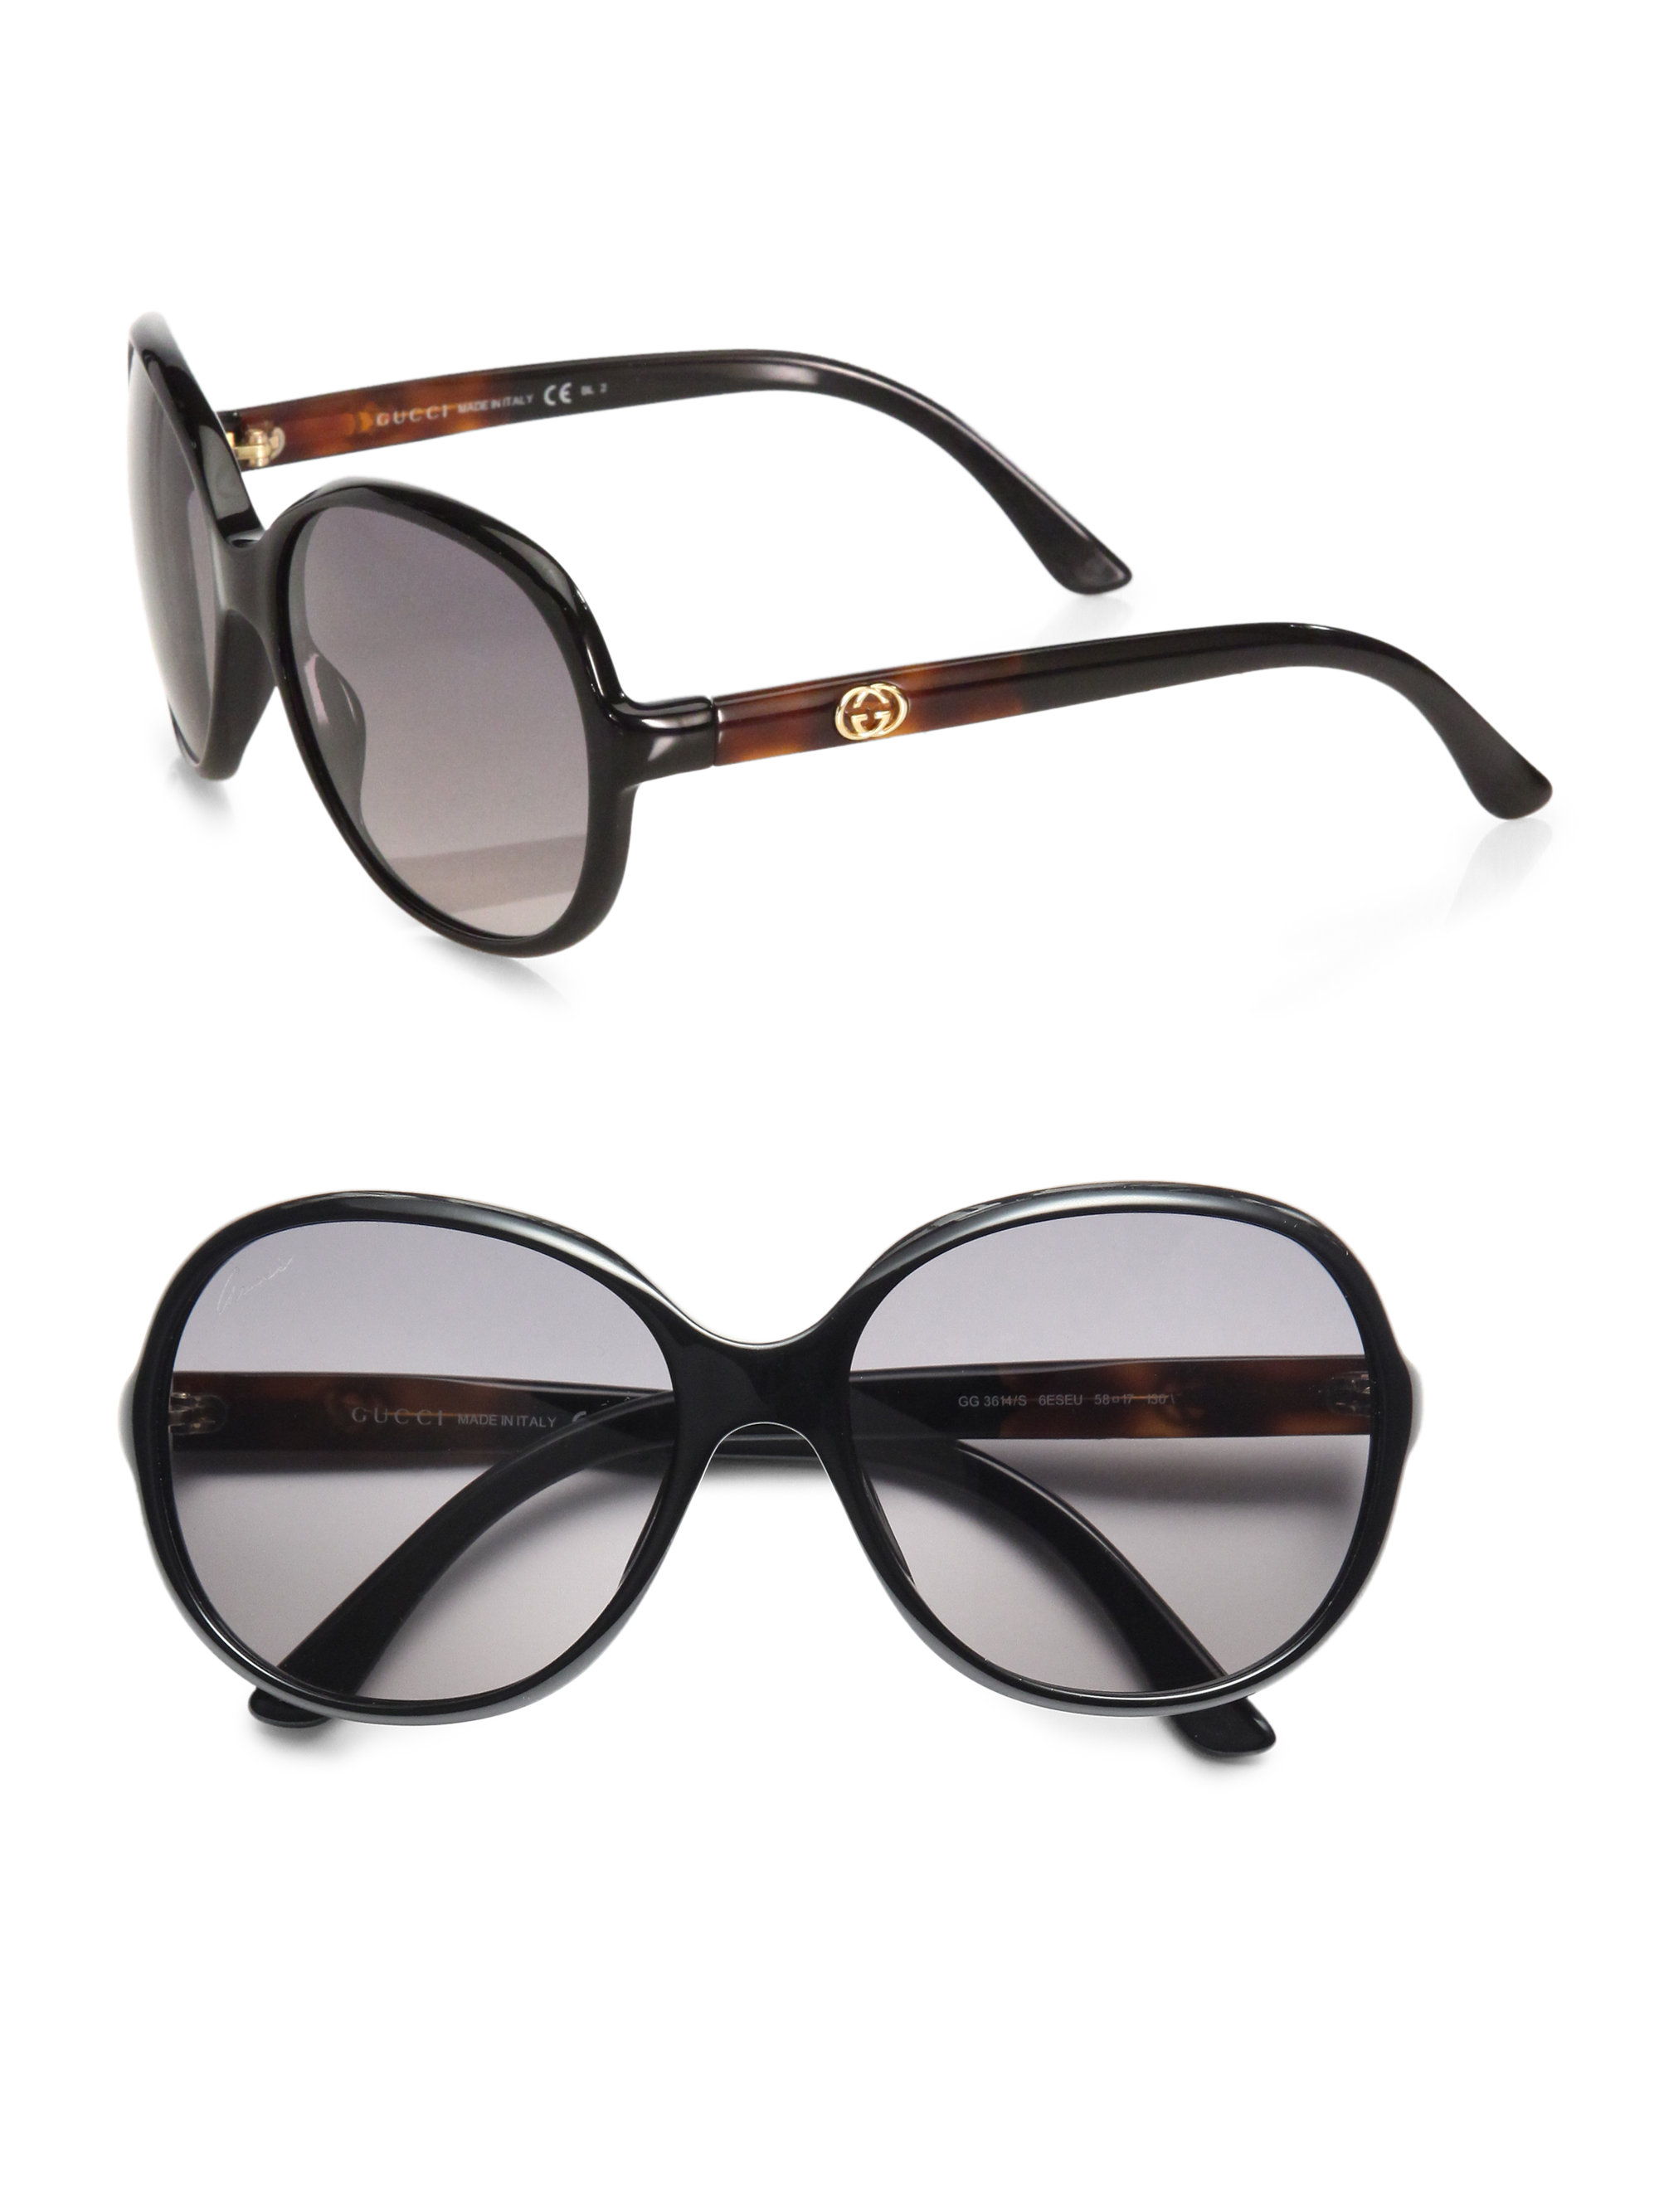 ba7222a8ea3 Lyst - Gucci Oversized Round Plastic Sunglasses in Black